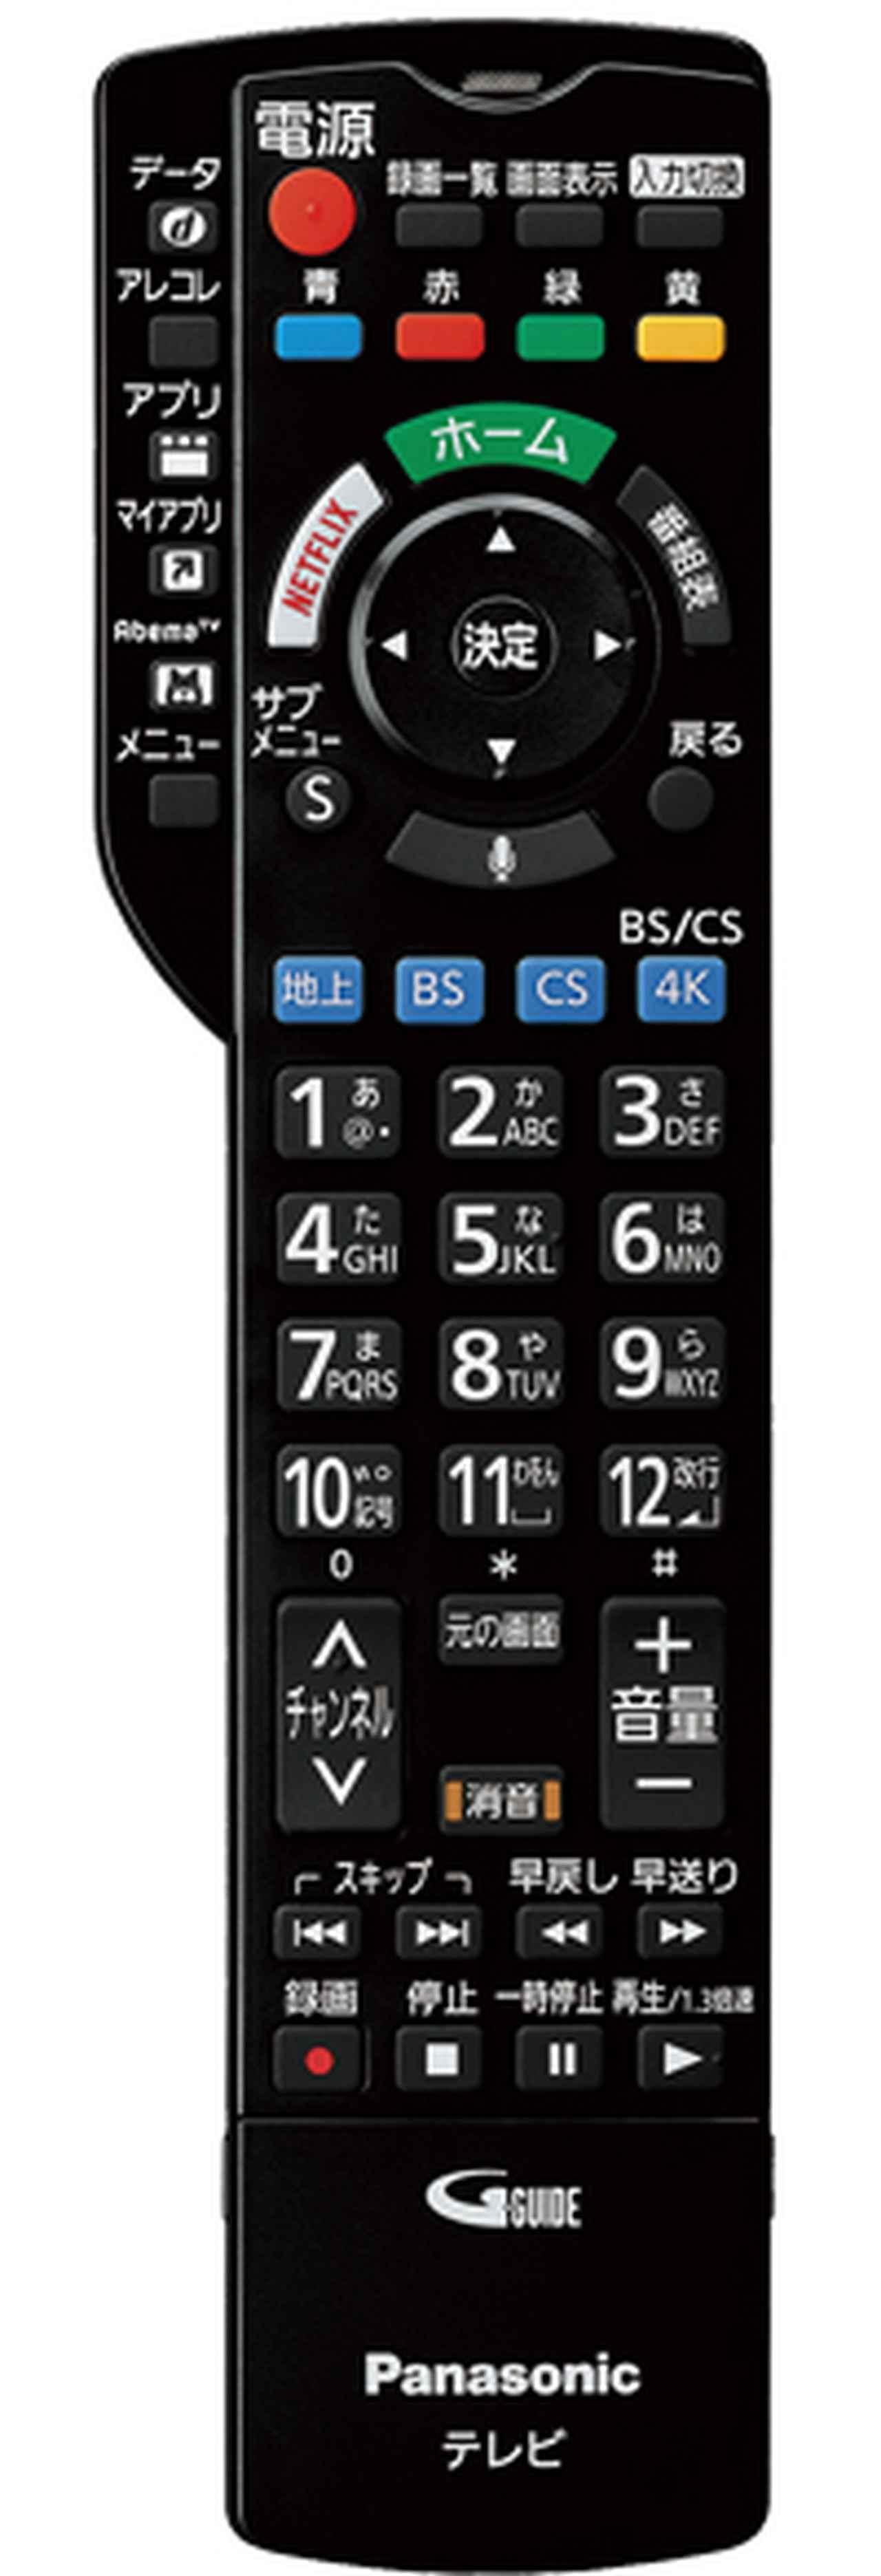 画像34: 【4Kテレビのおすすめ】2K/4K変換処理の性能がアップ!評価の高い15機種を徹底比較